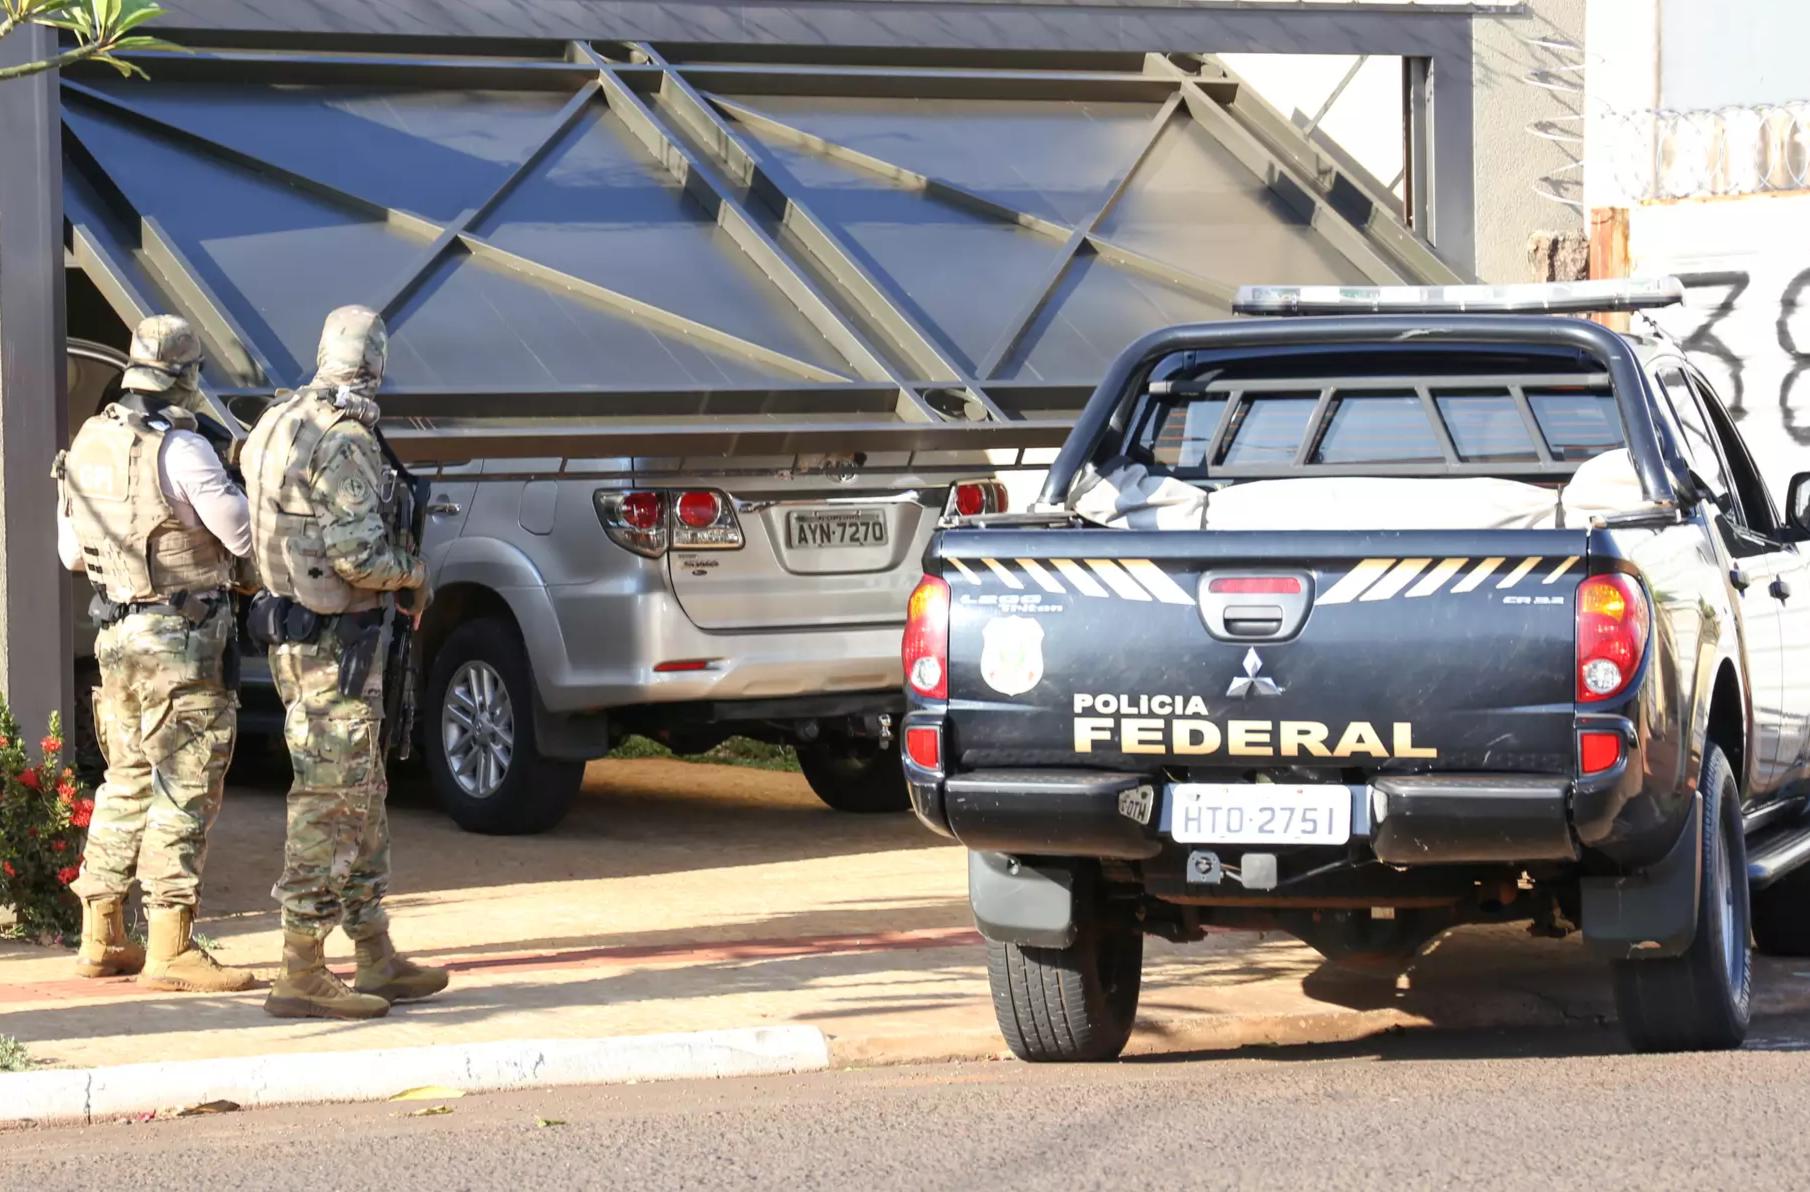 Policiais federais durante operação contra quadrilha do tráfico em Campo Grande. (Foto: Paulo Francis)